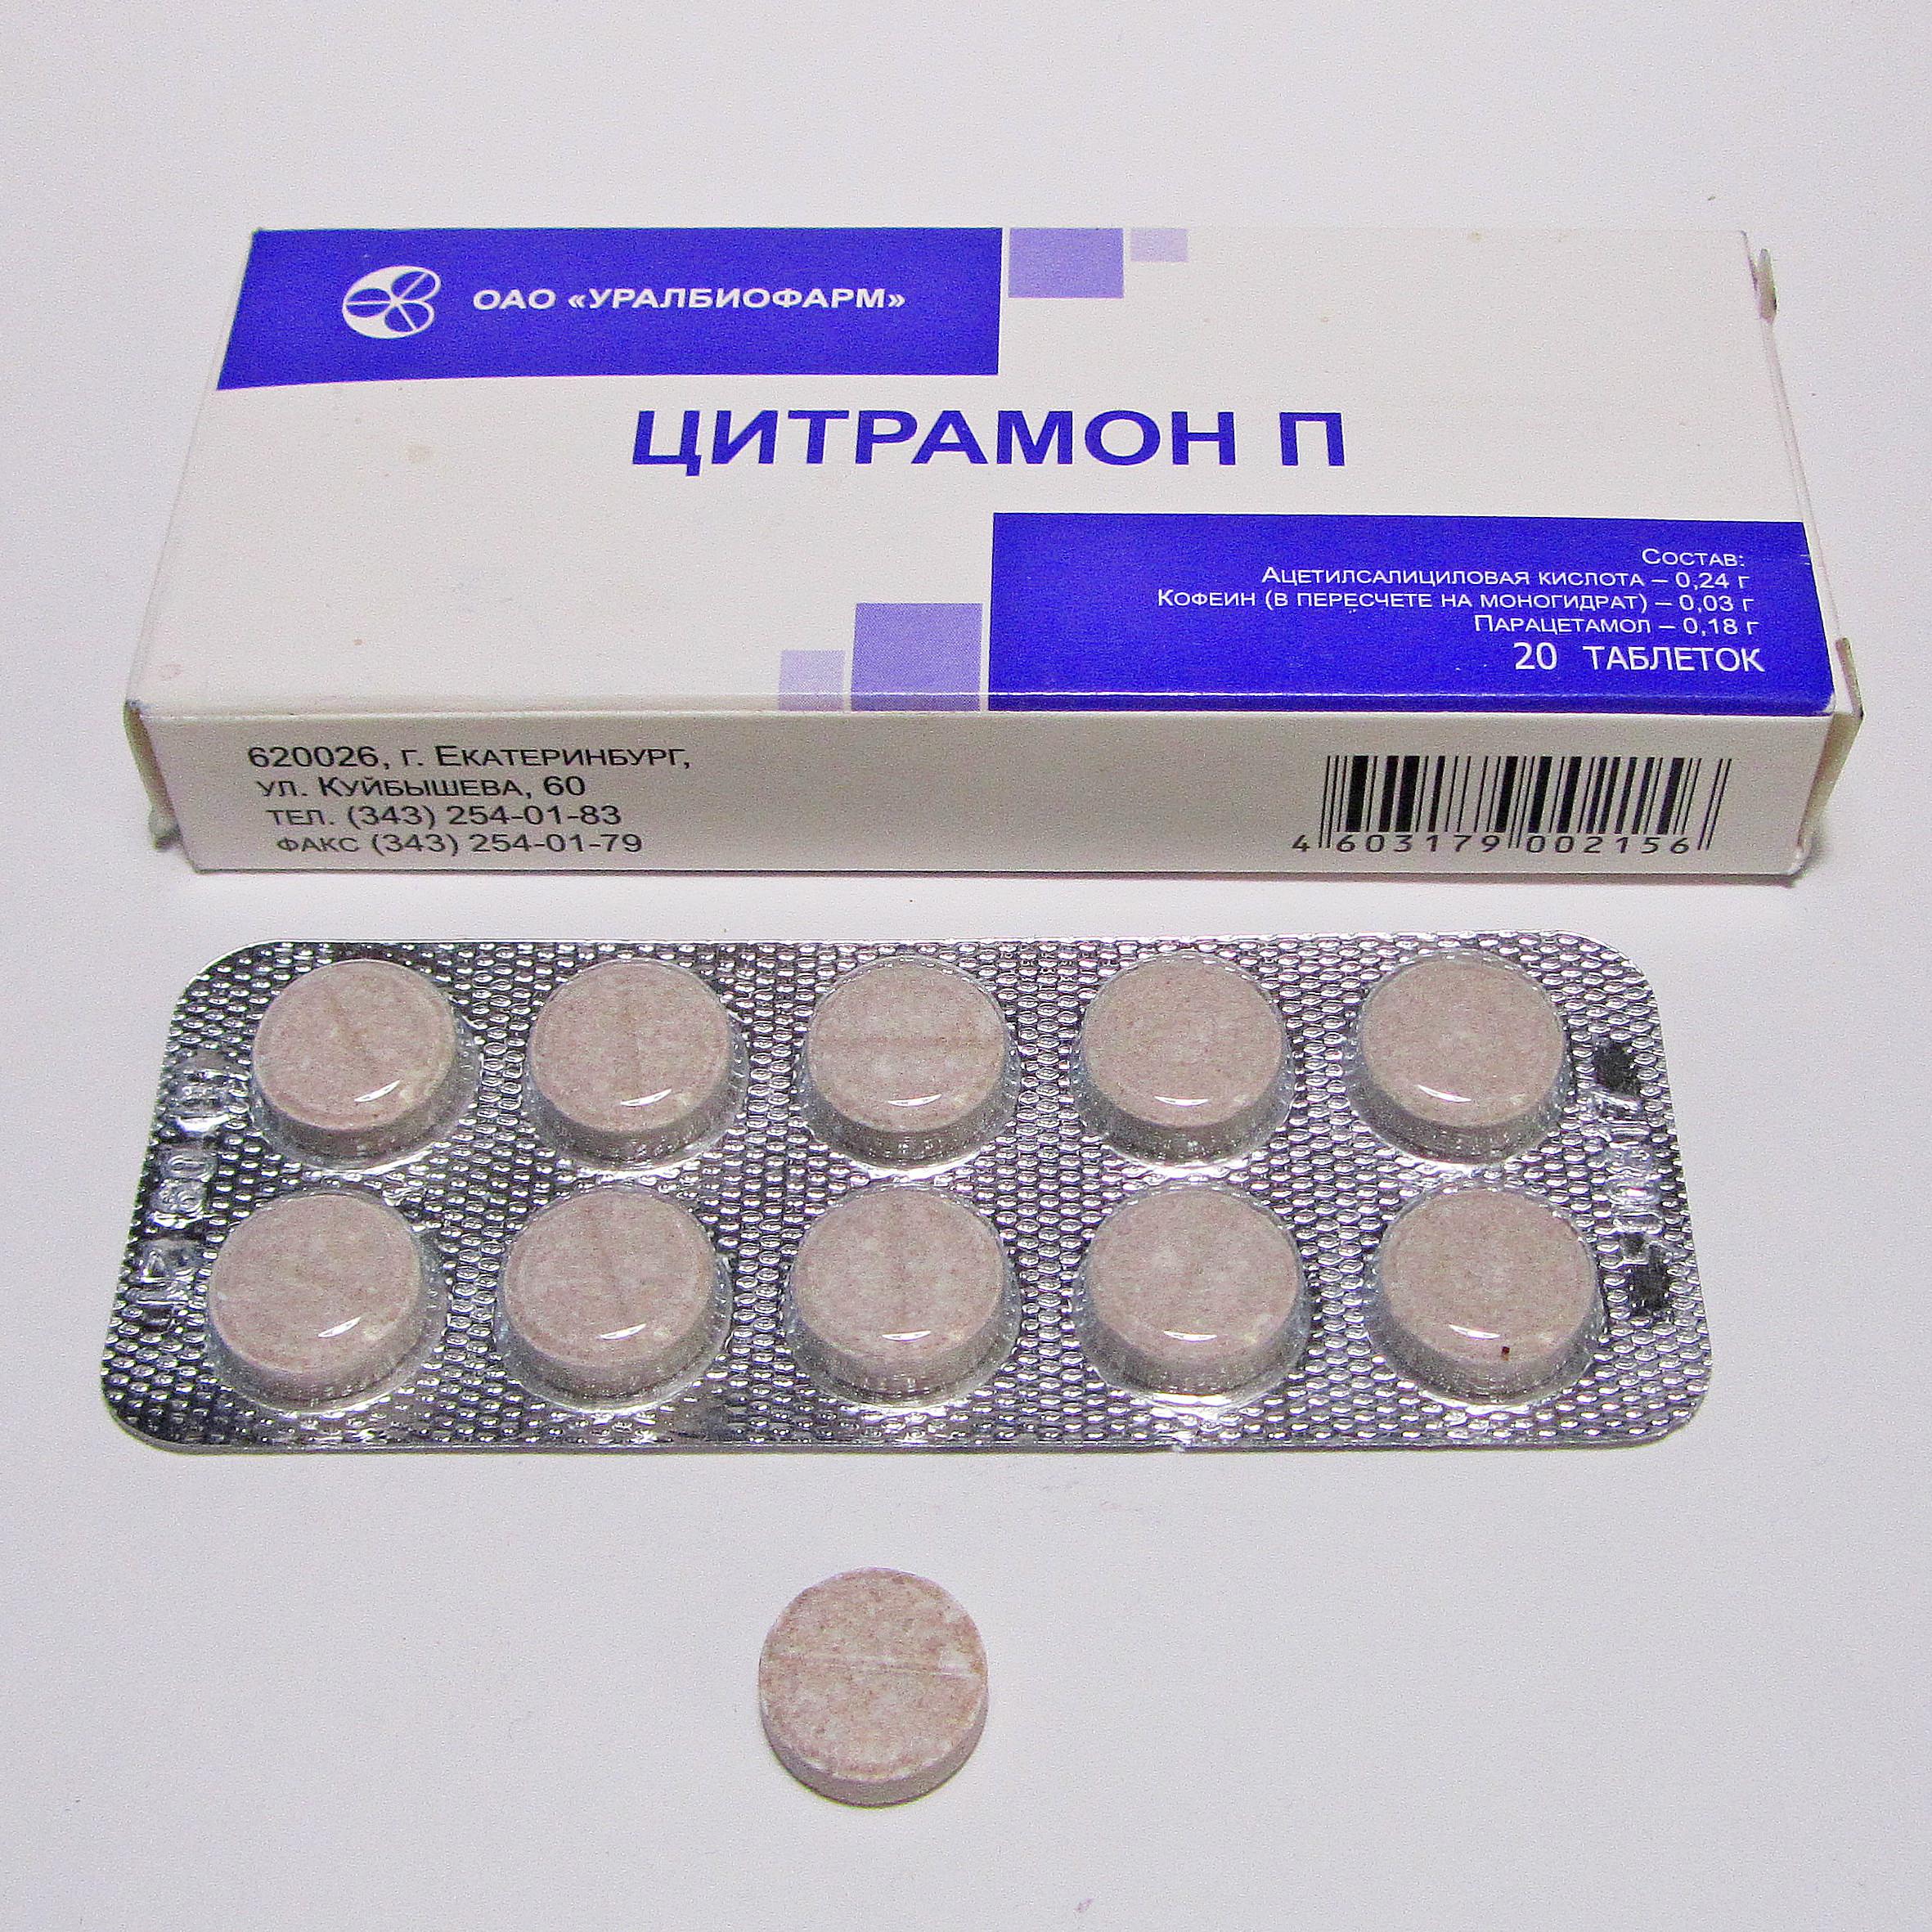 Ацетилсалициловая кислота или цитрамон